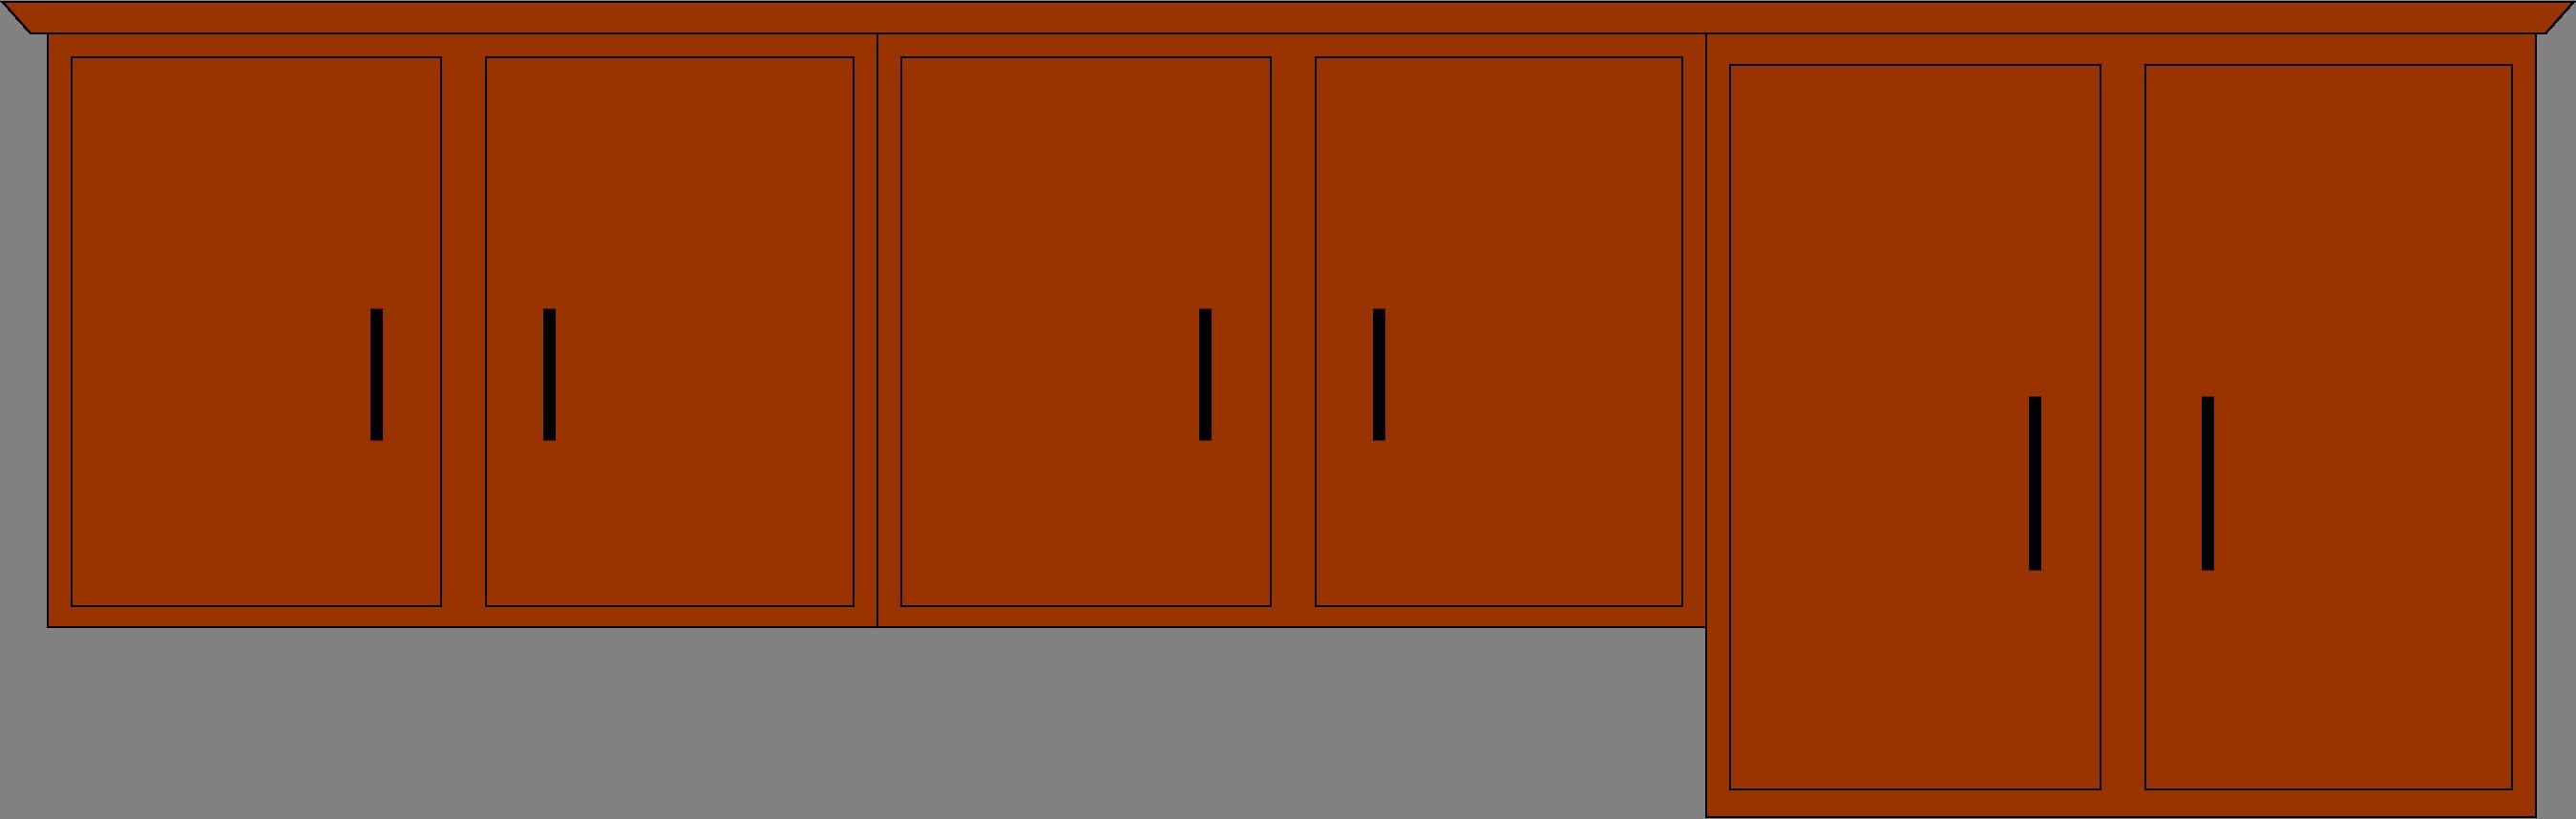 Kitchen clipart kitchen furniture  Cupboard art 2 vector